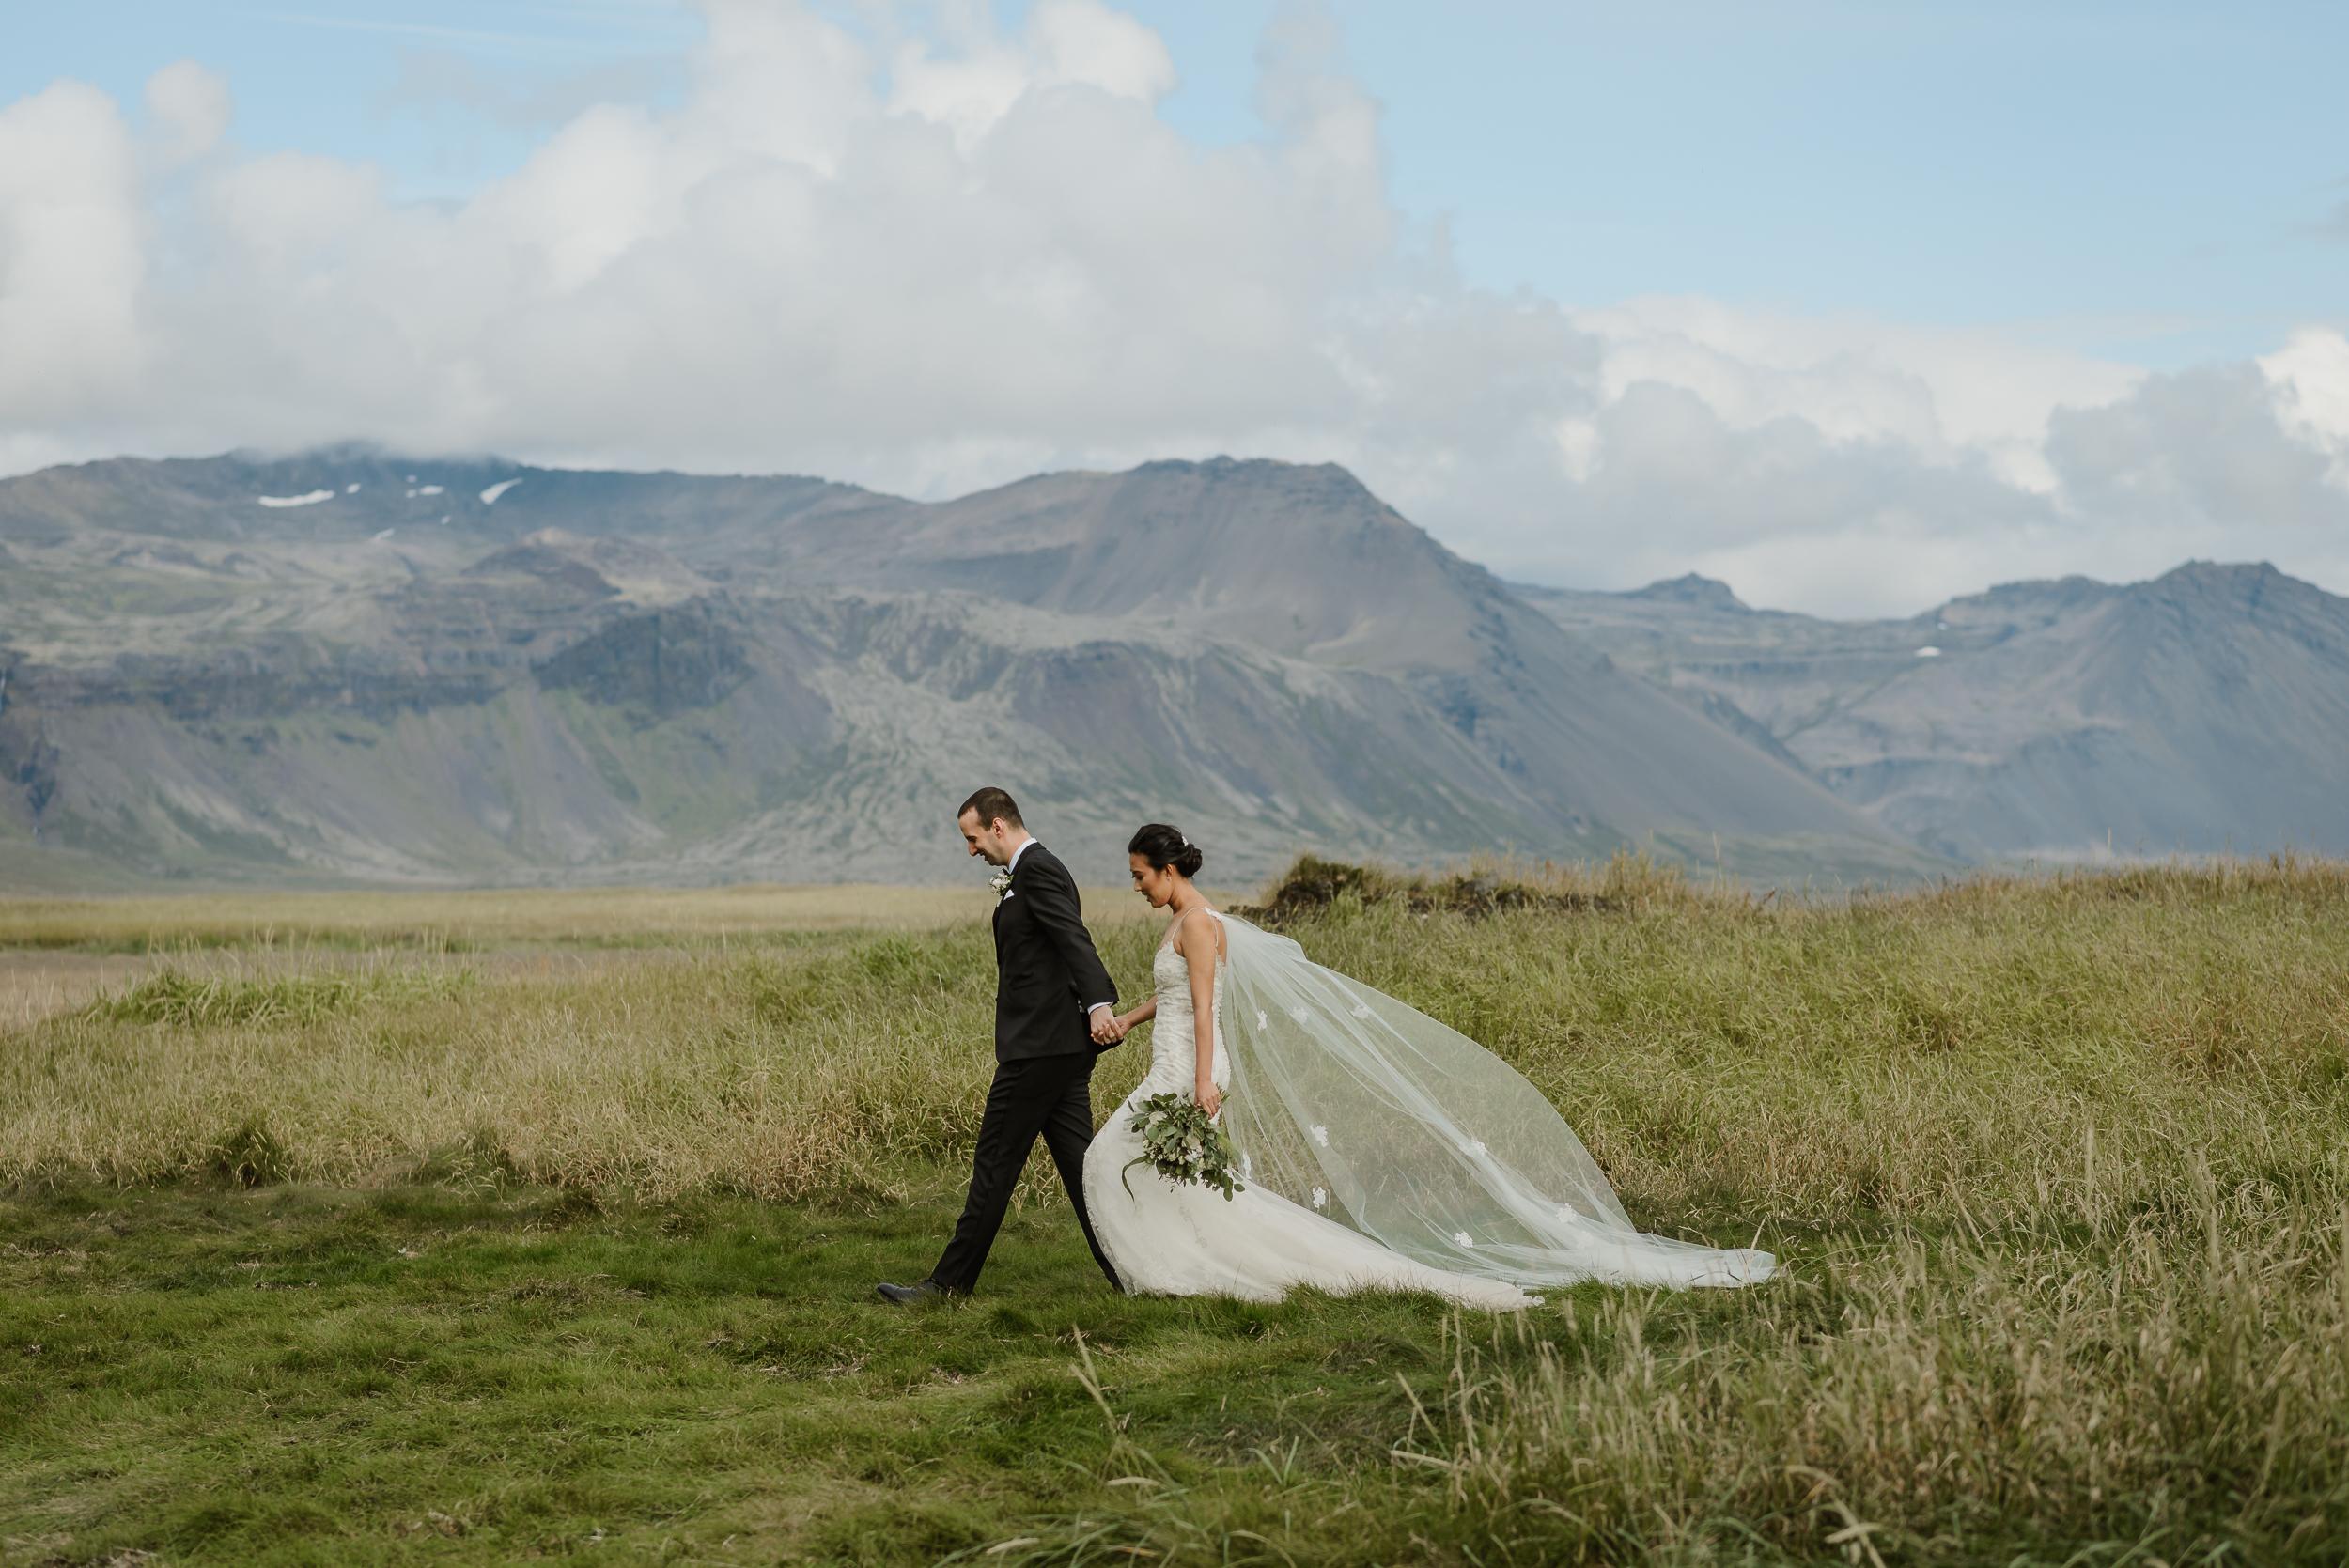 084-hotel-budir-iceland-destination-wedding-vivianchen-348.jpg